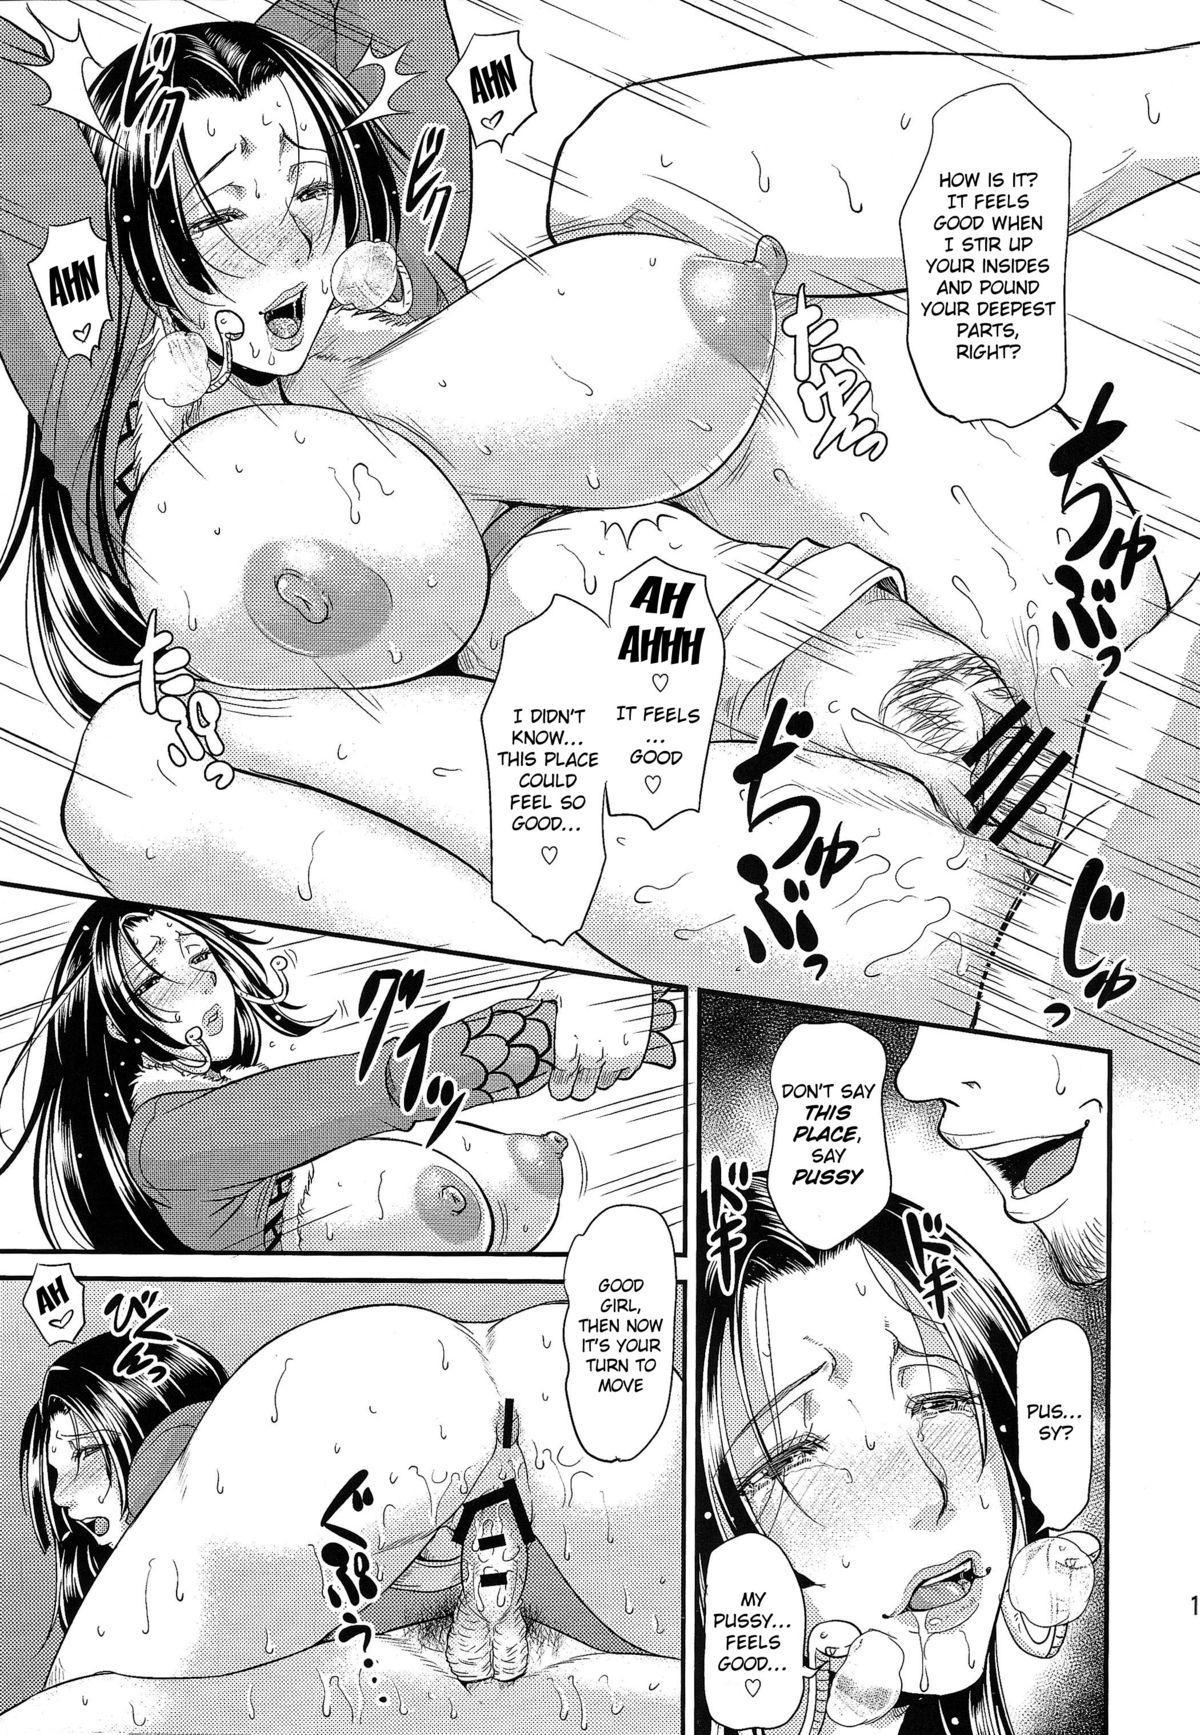 Hebihime-sama 29sai no Teisou wo Itadaku Hon 9